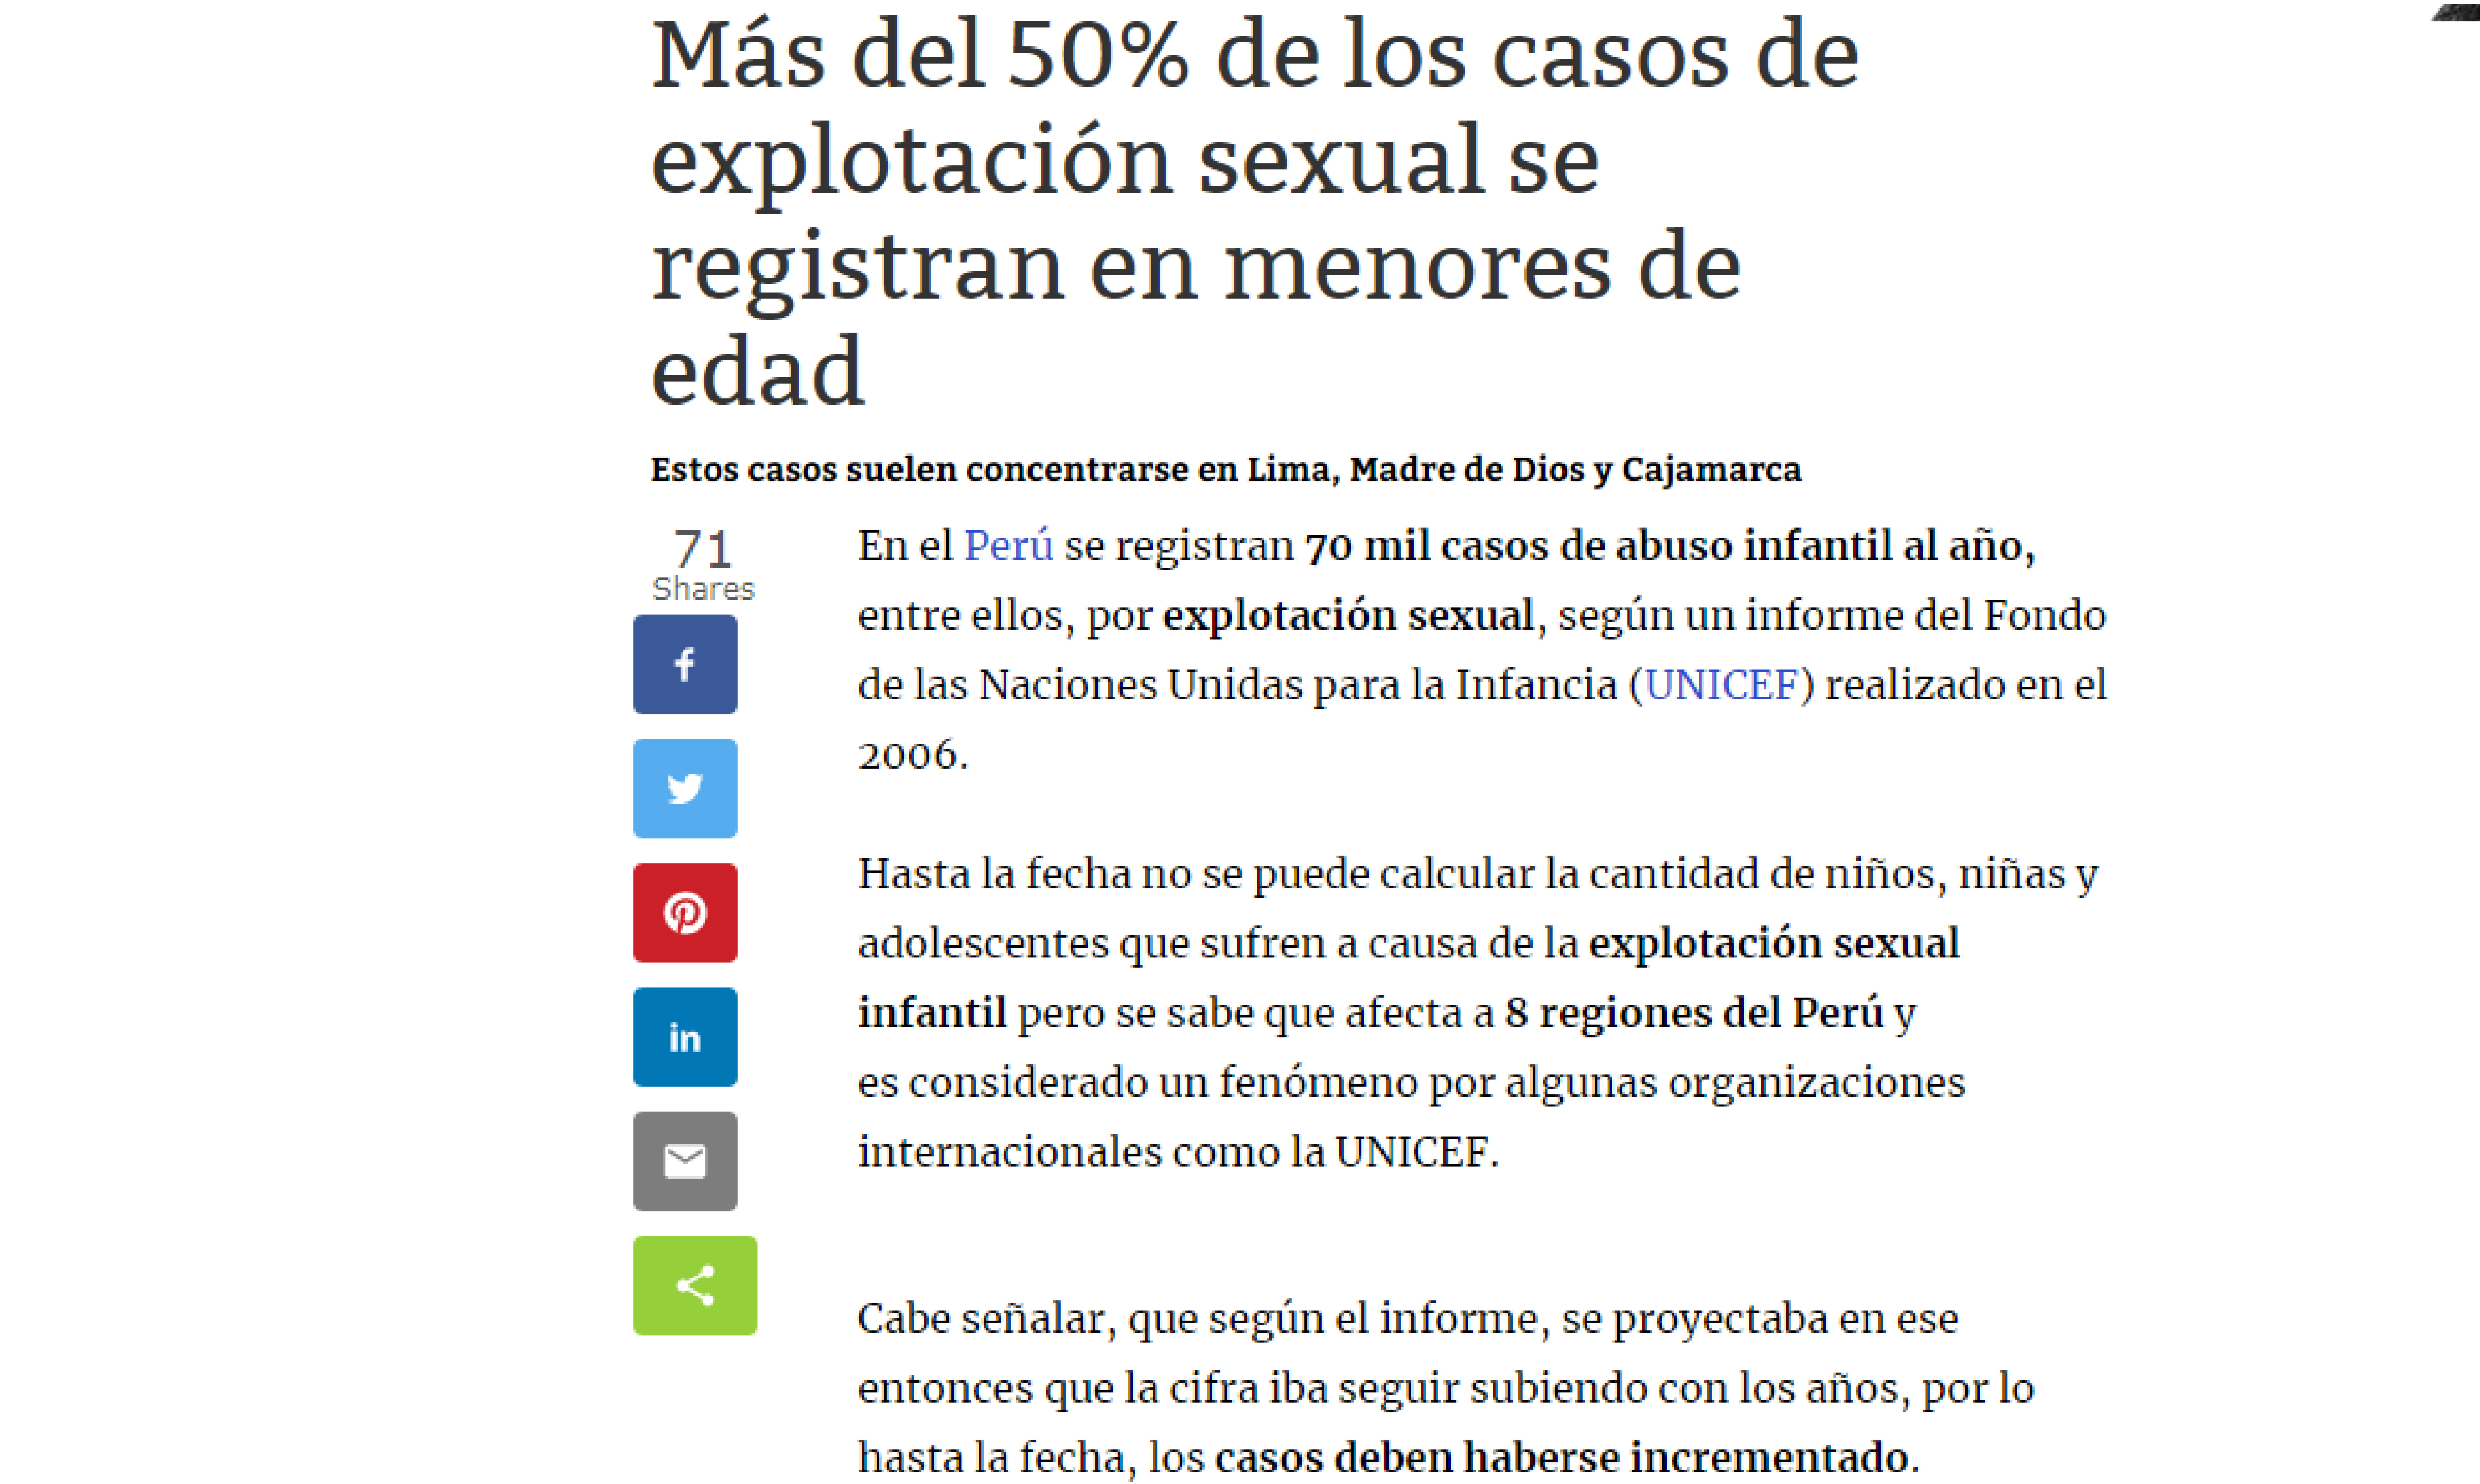 Correo: Más del 50% de los casos de explotación sexual se registran en menores de edad